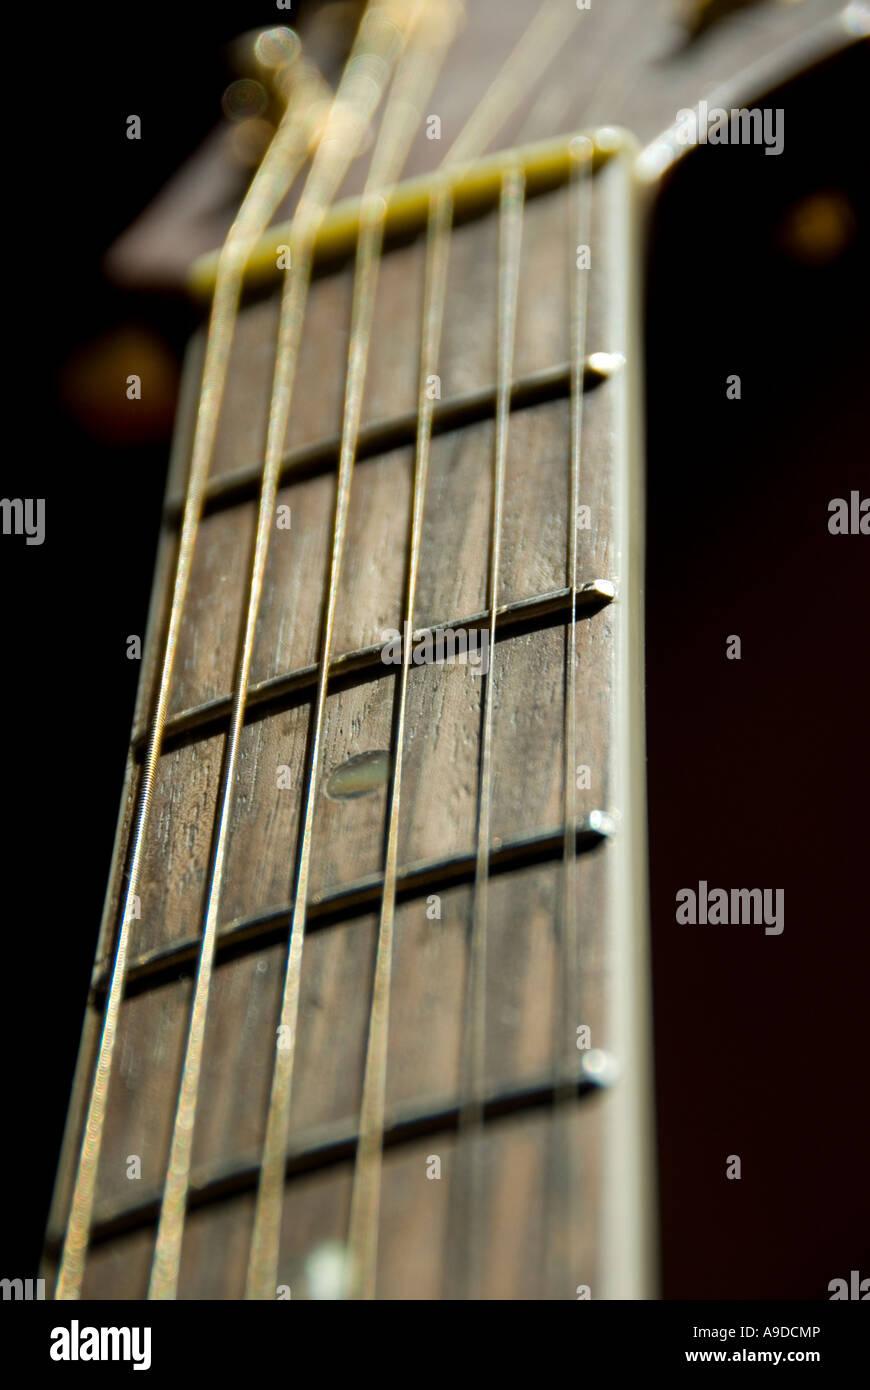 close up of a guitar - Stock Image